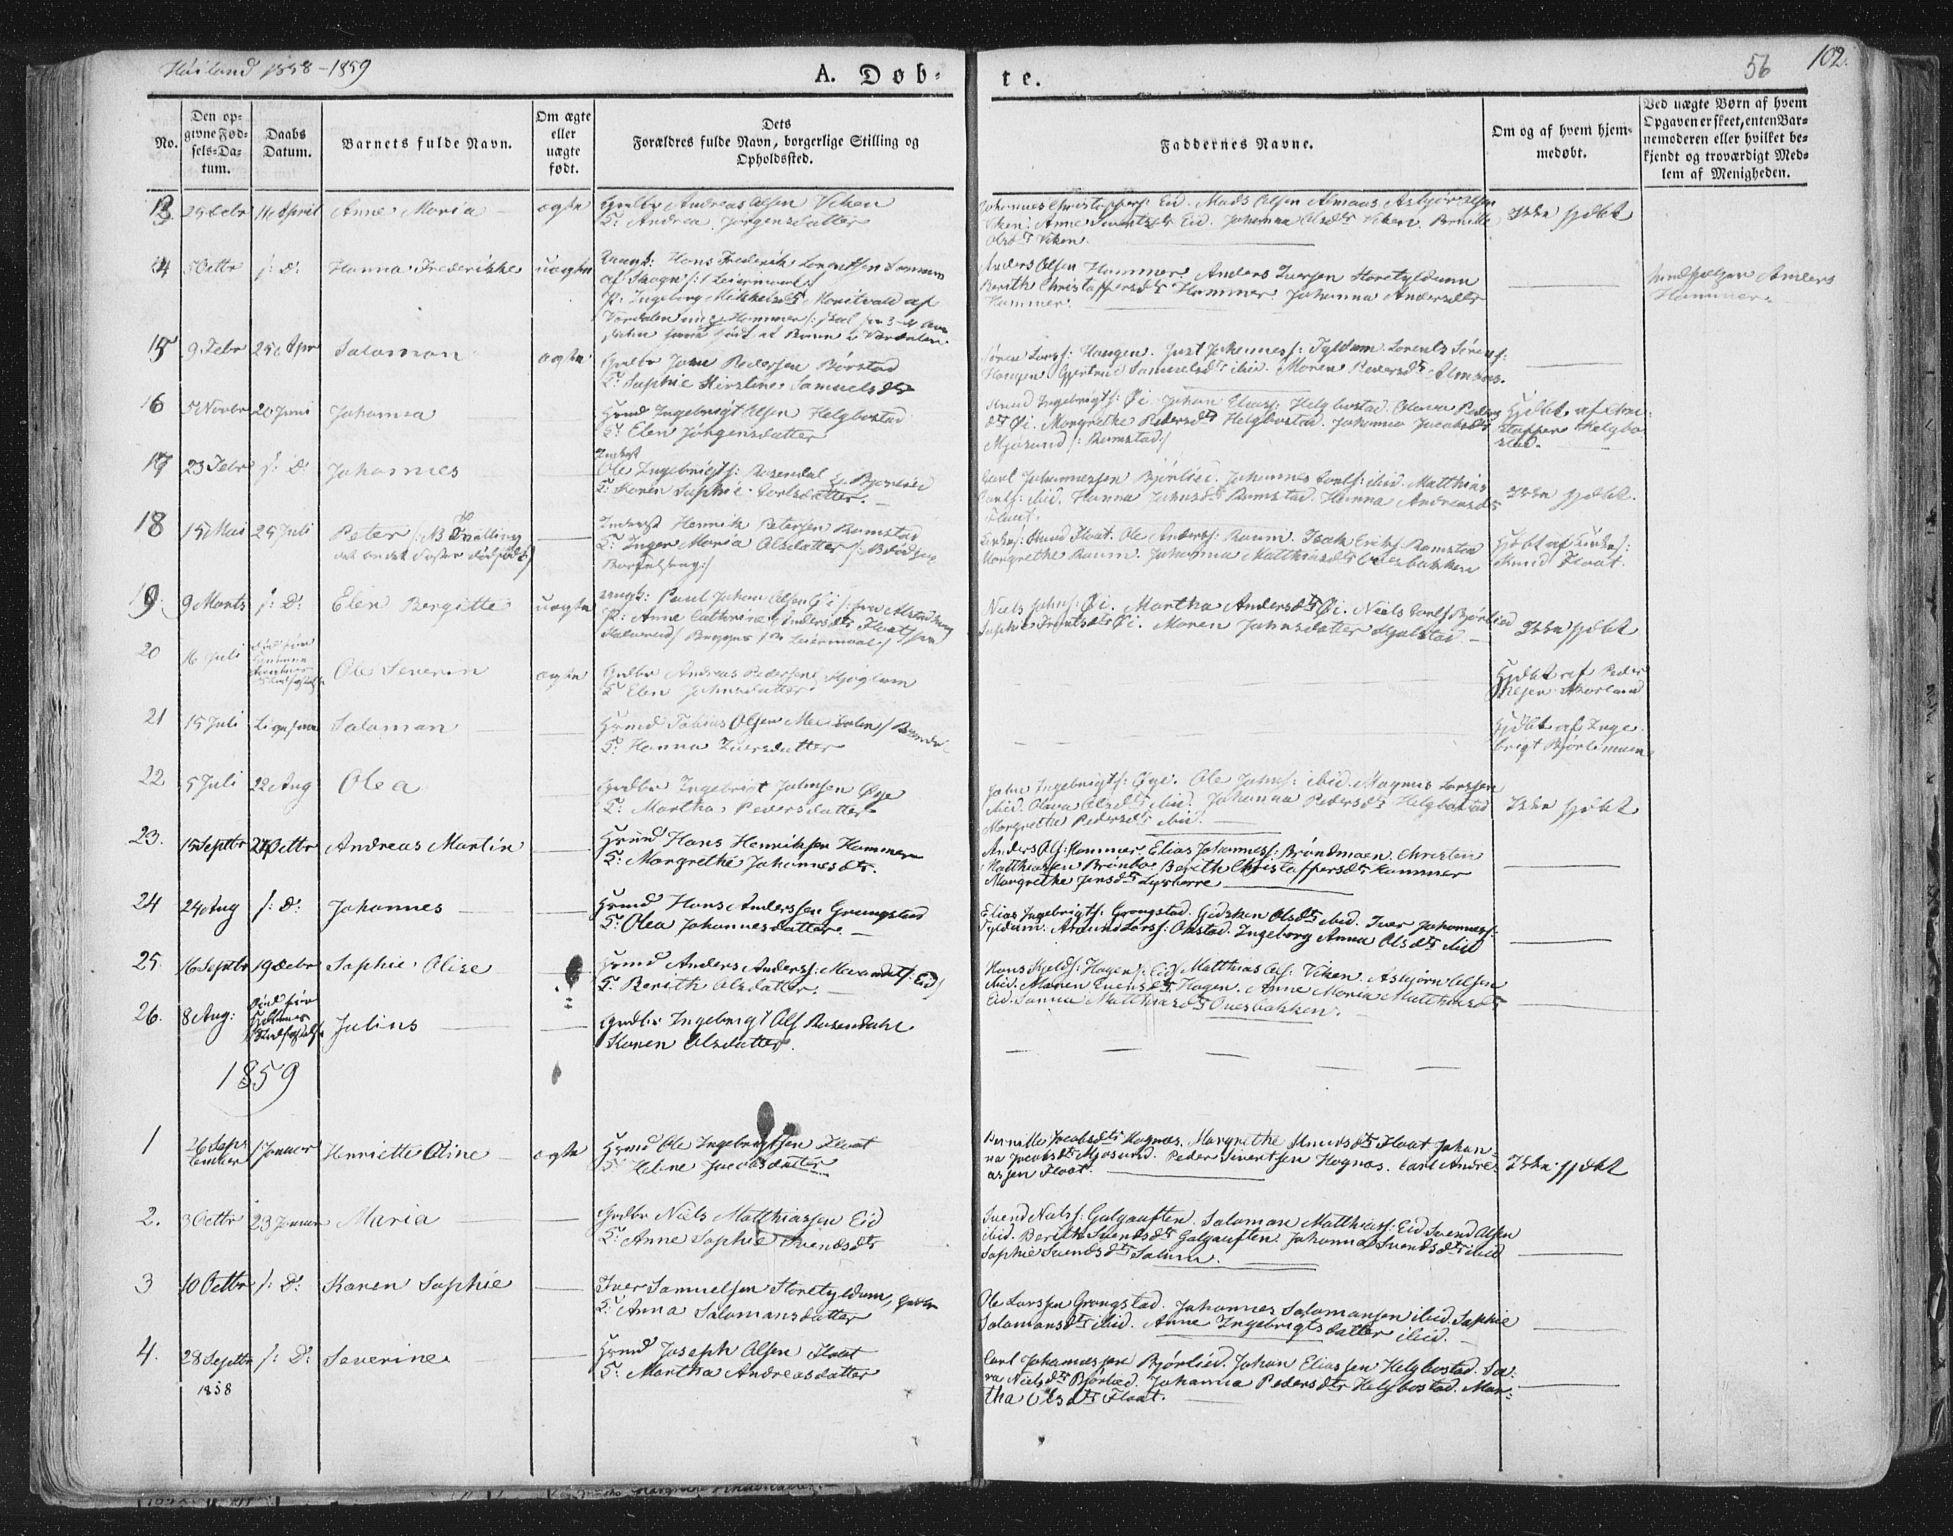 SAT, Ministerialprotokoller, klokkerbøker og fødselsregistre - Nord-Trøndelag, 758/L0513: Ministerialbok nr. 758A02 /2, 1839-1868, s. 56